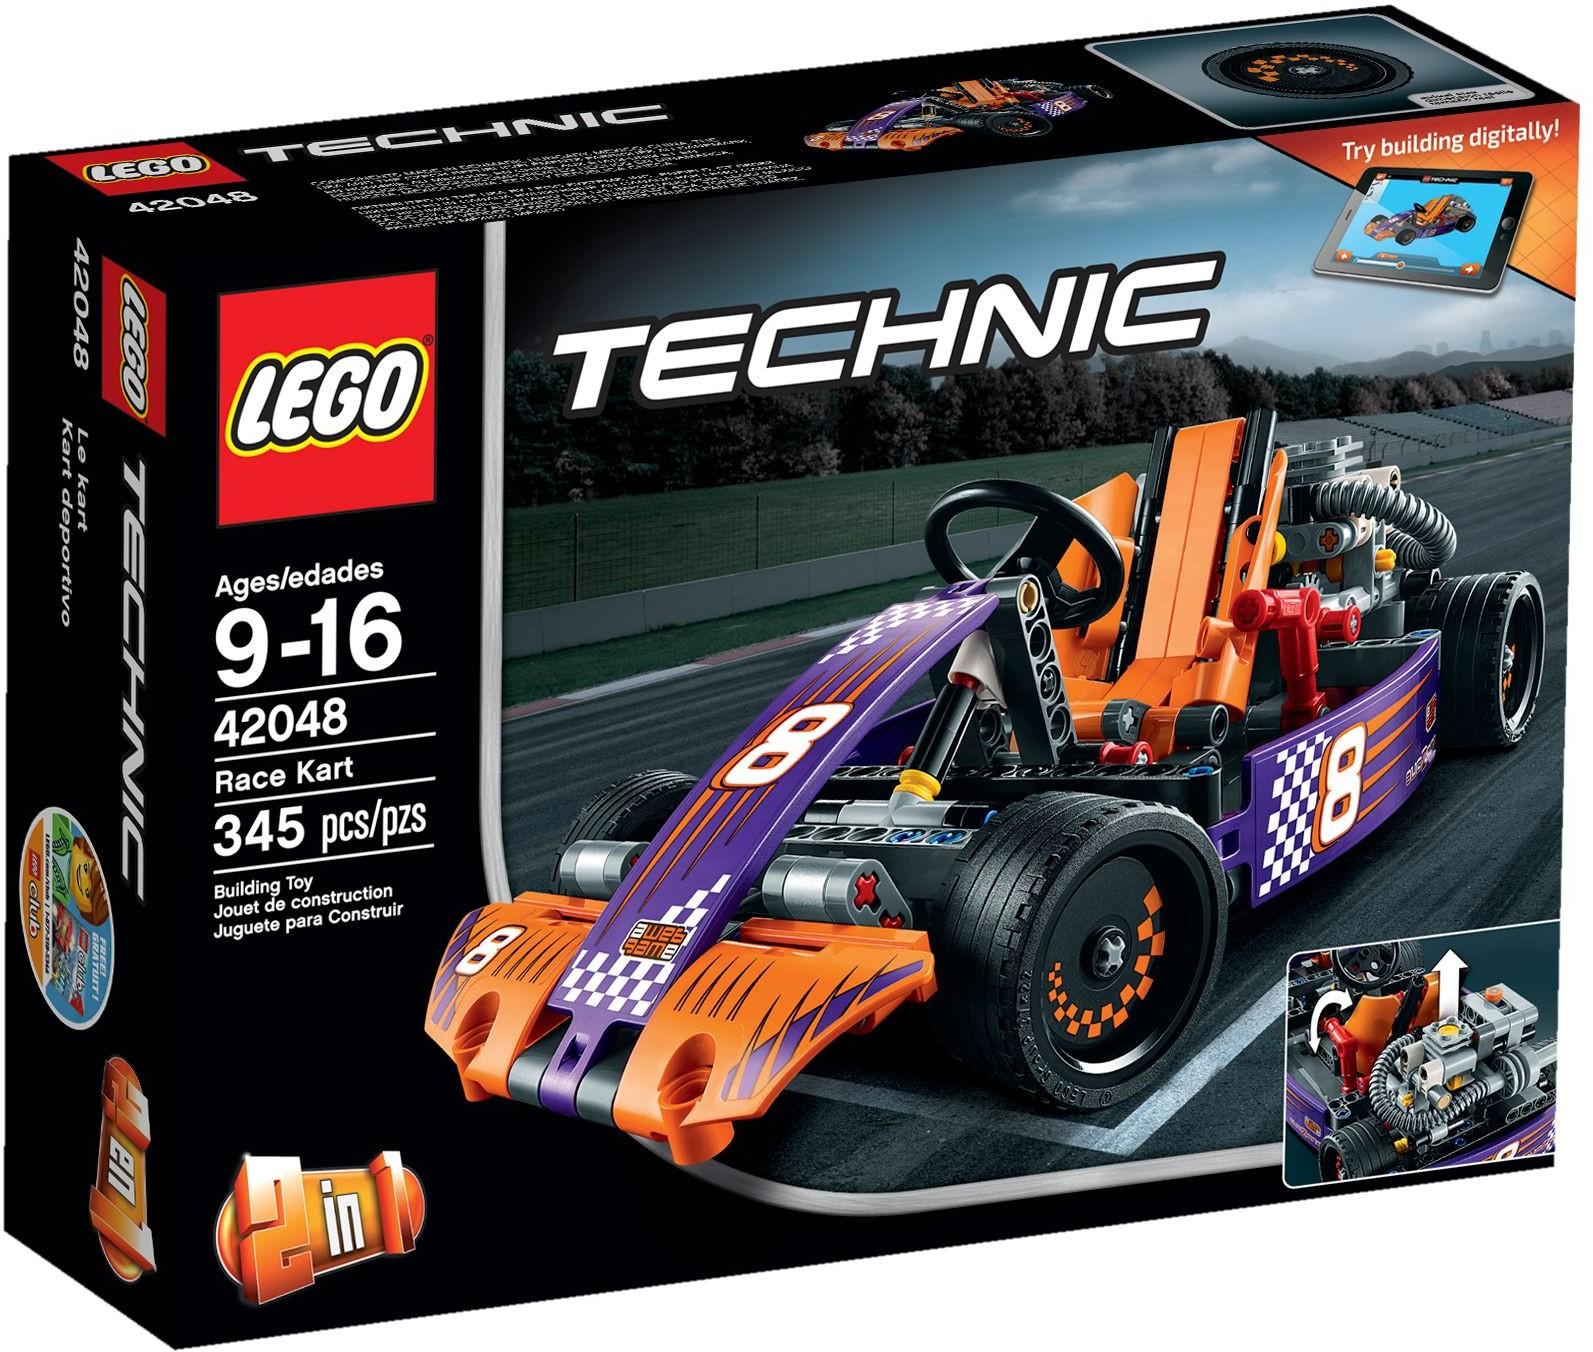 LEGO # 42048 TECHNIC Race Kart